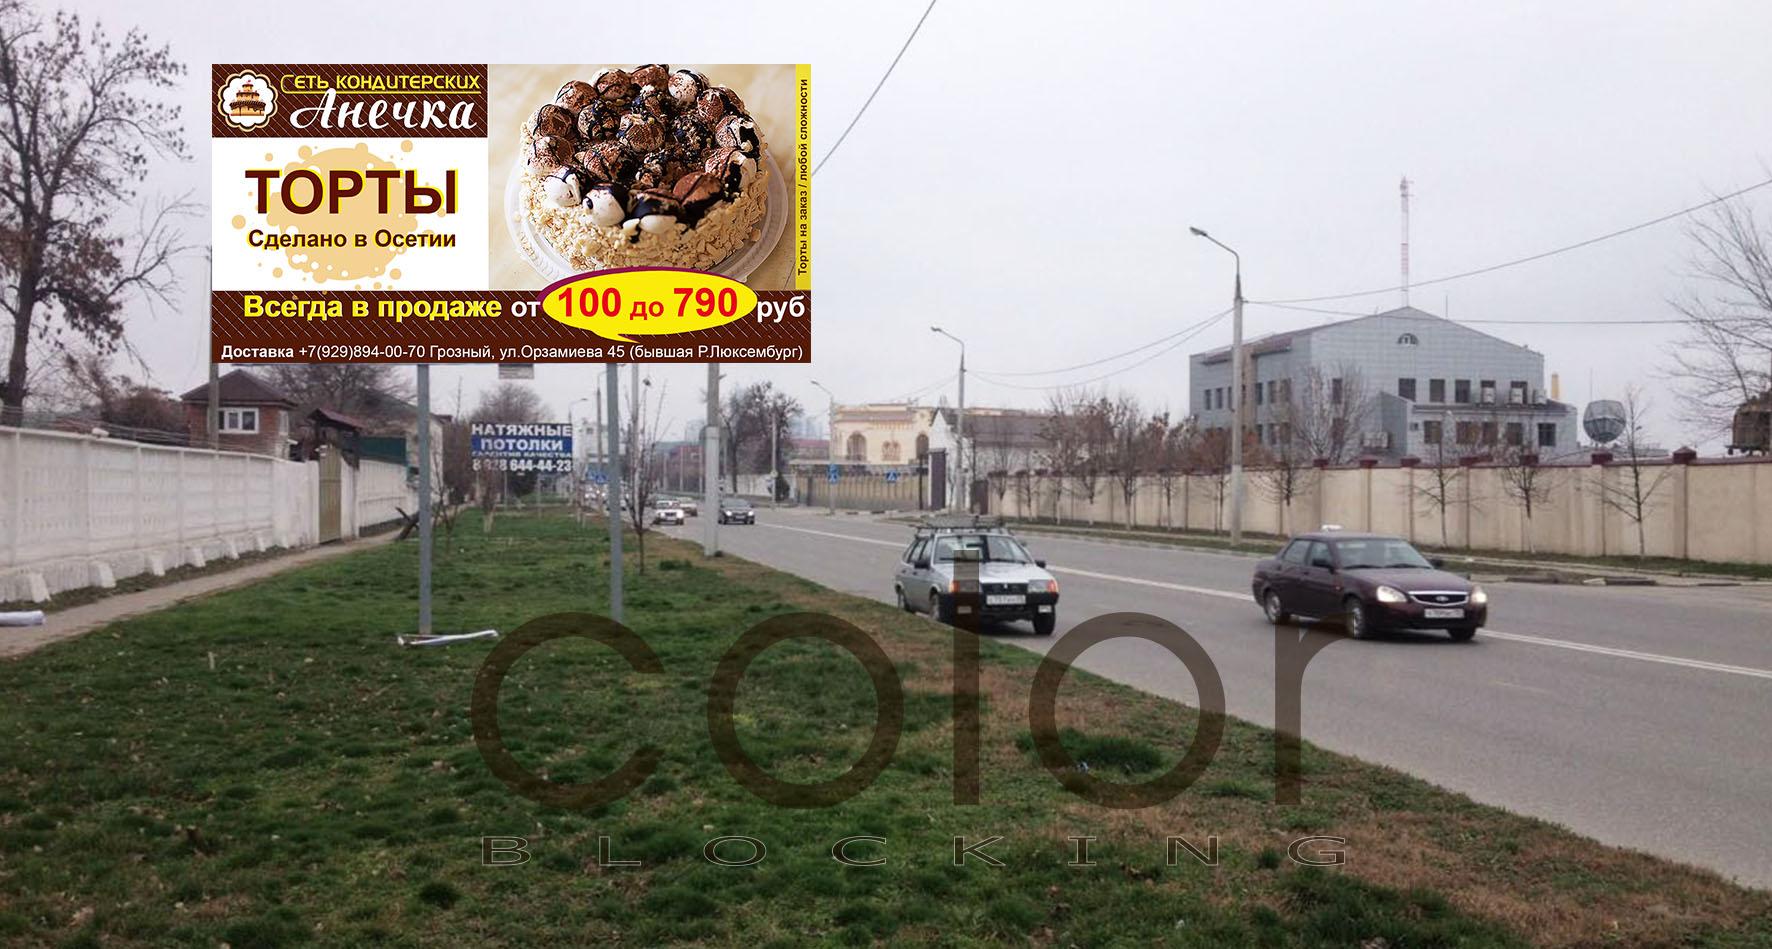 наружная реклама в Чечне заказать